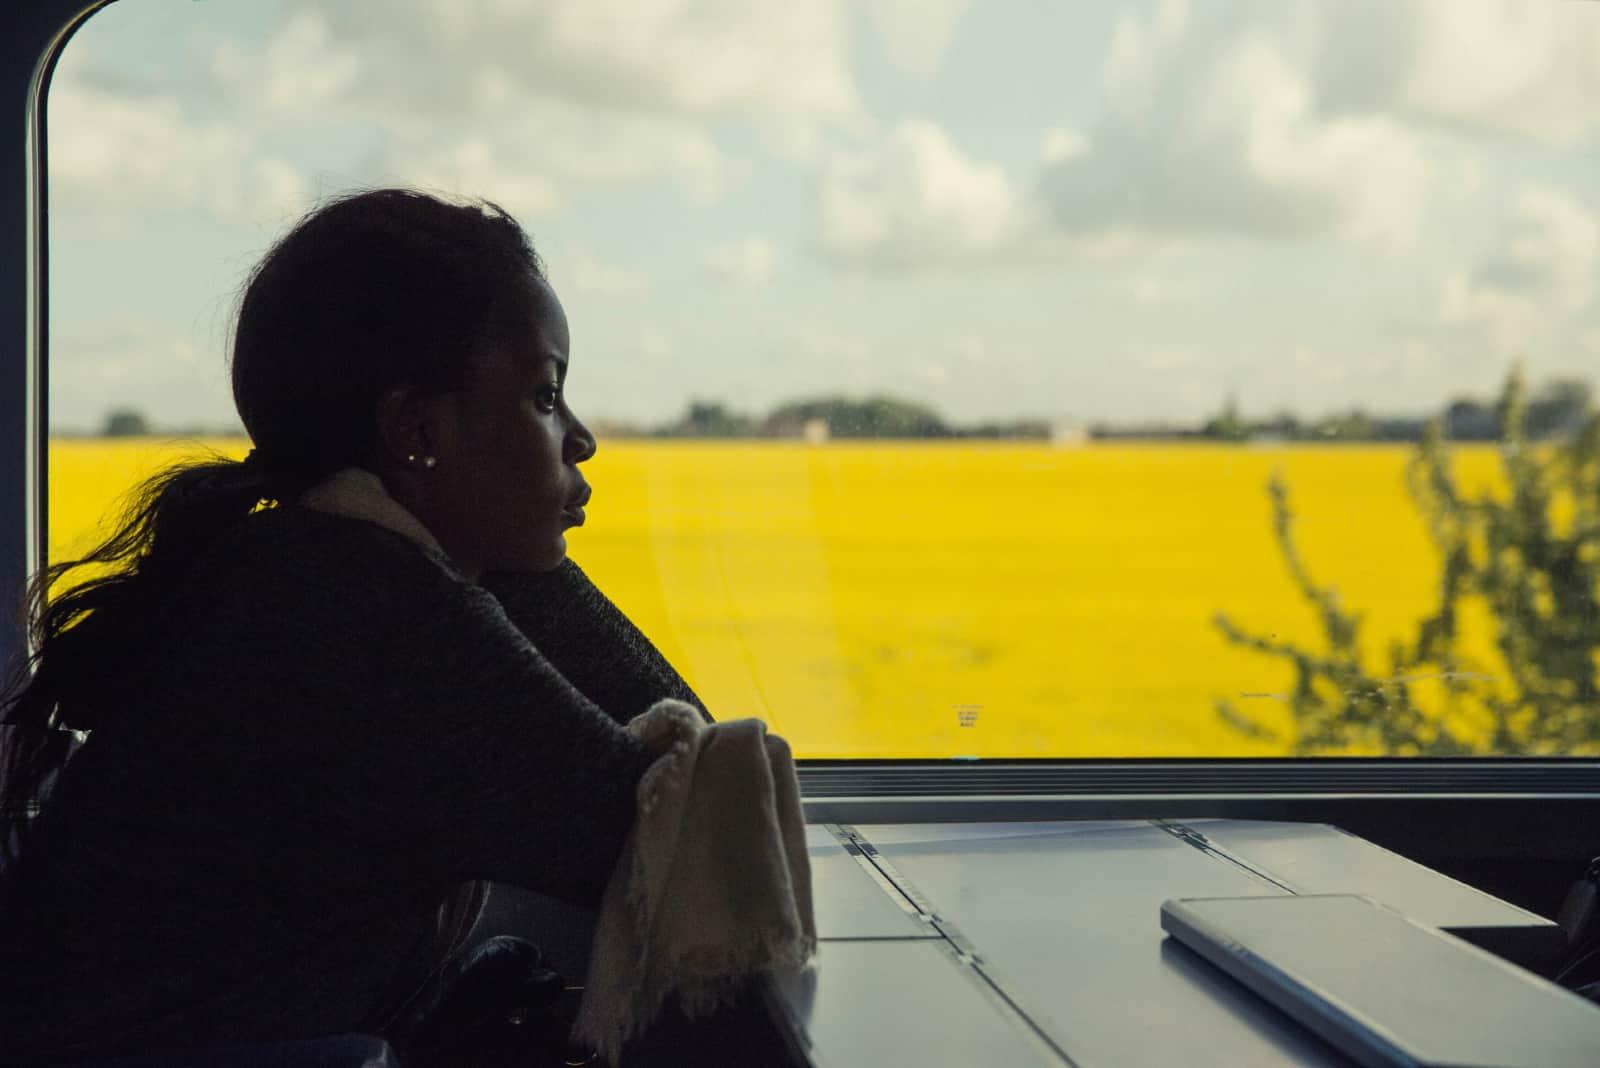 femme pensive en chandail noir assise près d'une fenêtre